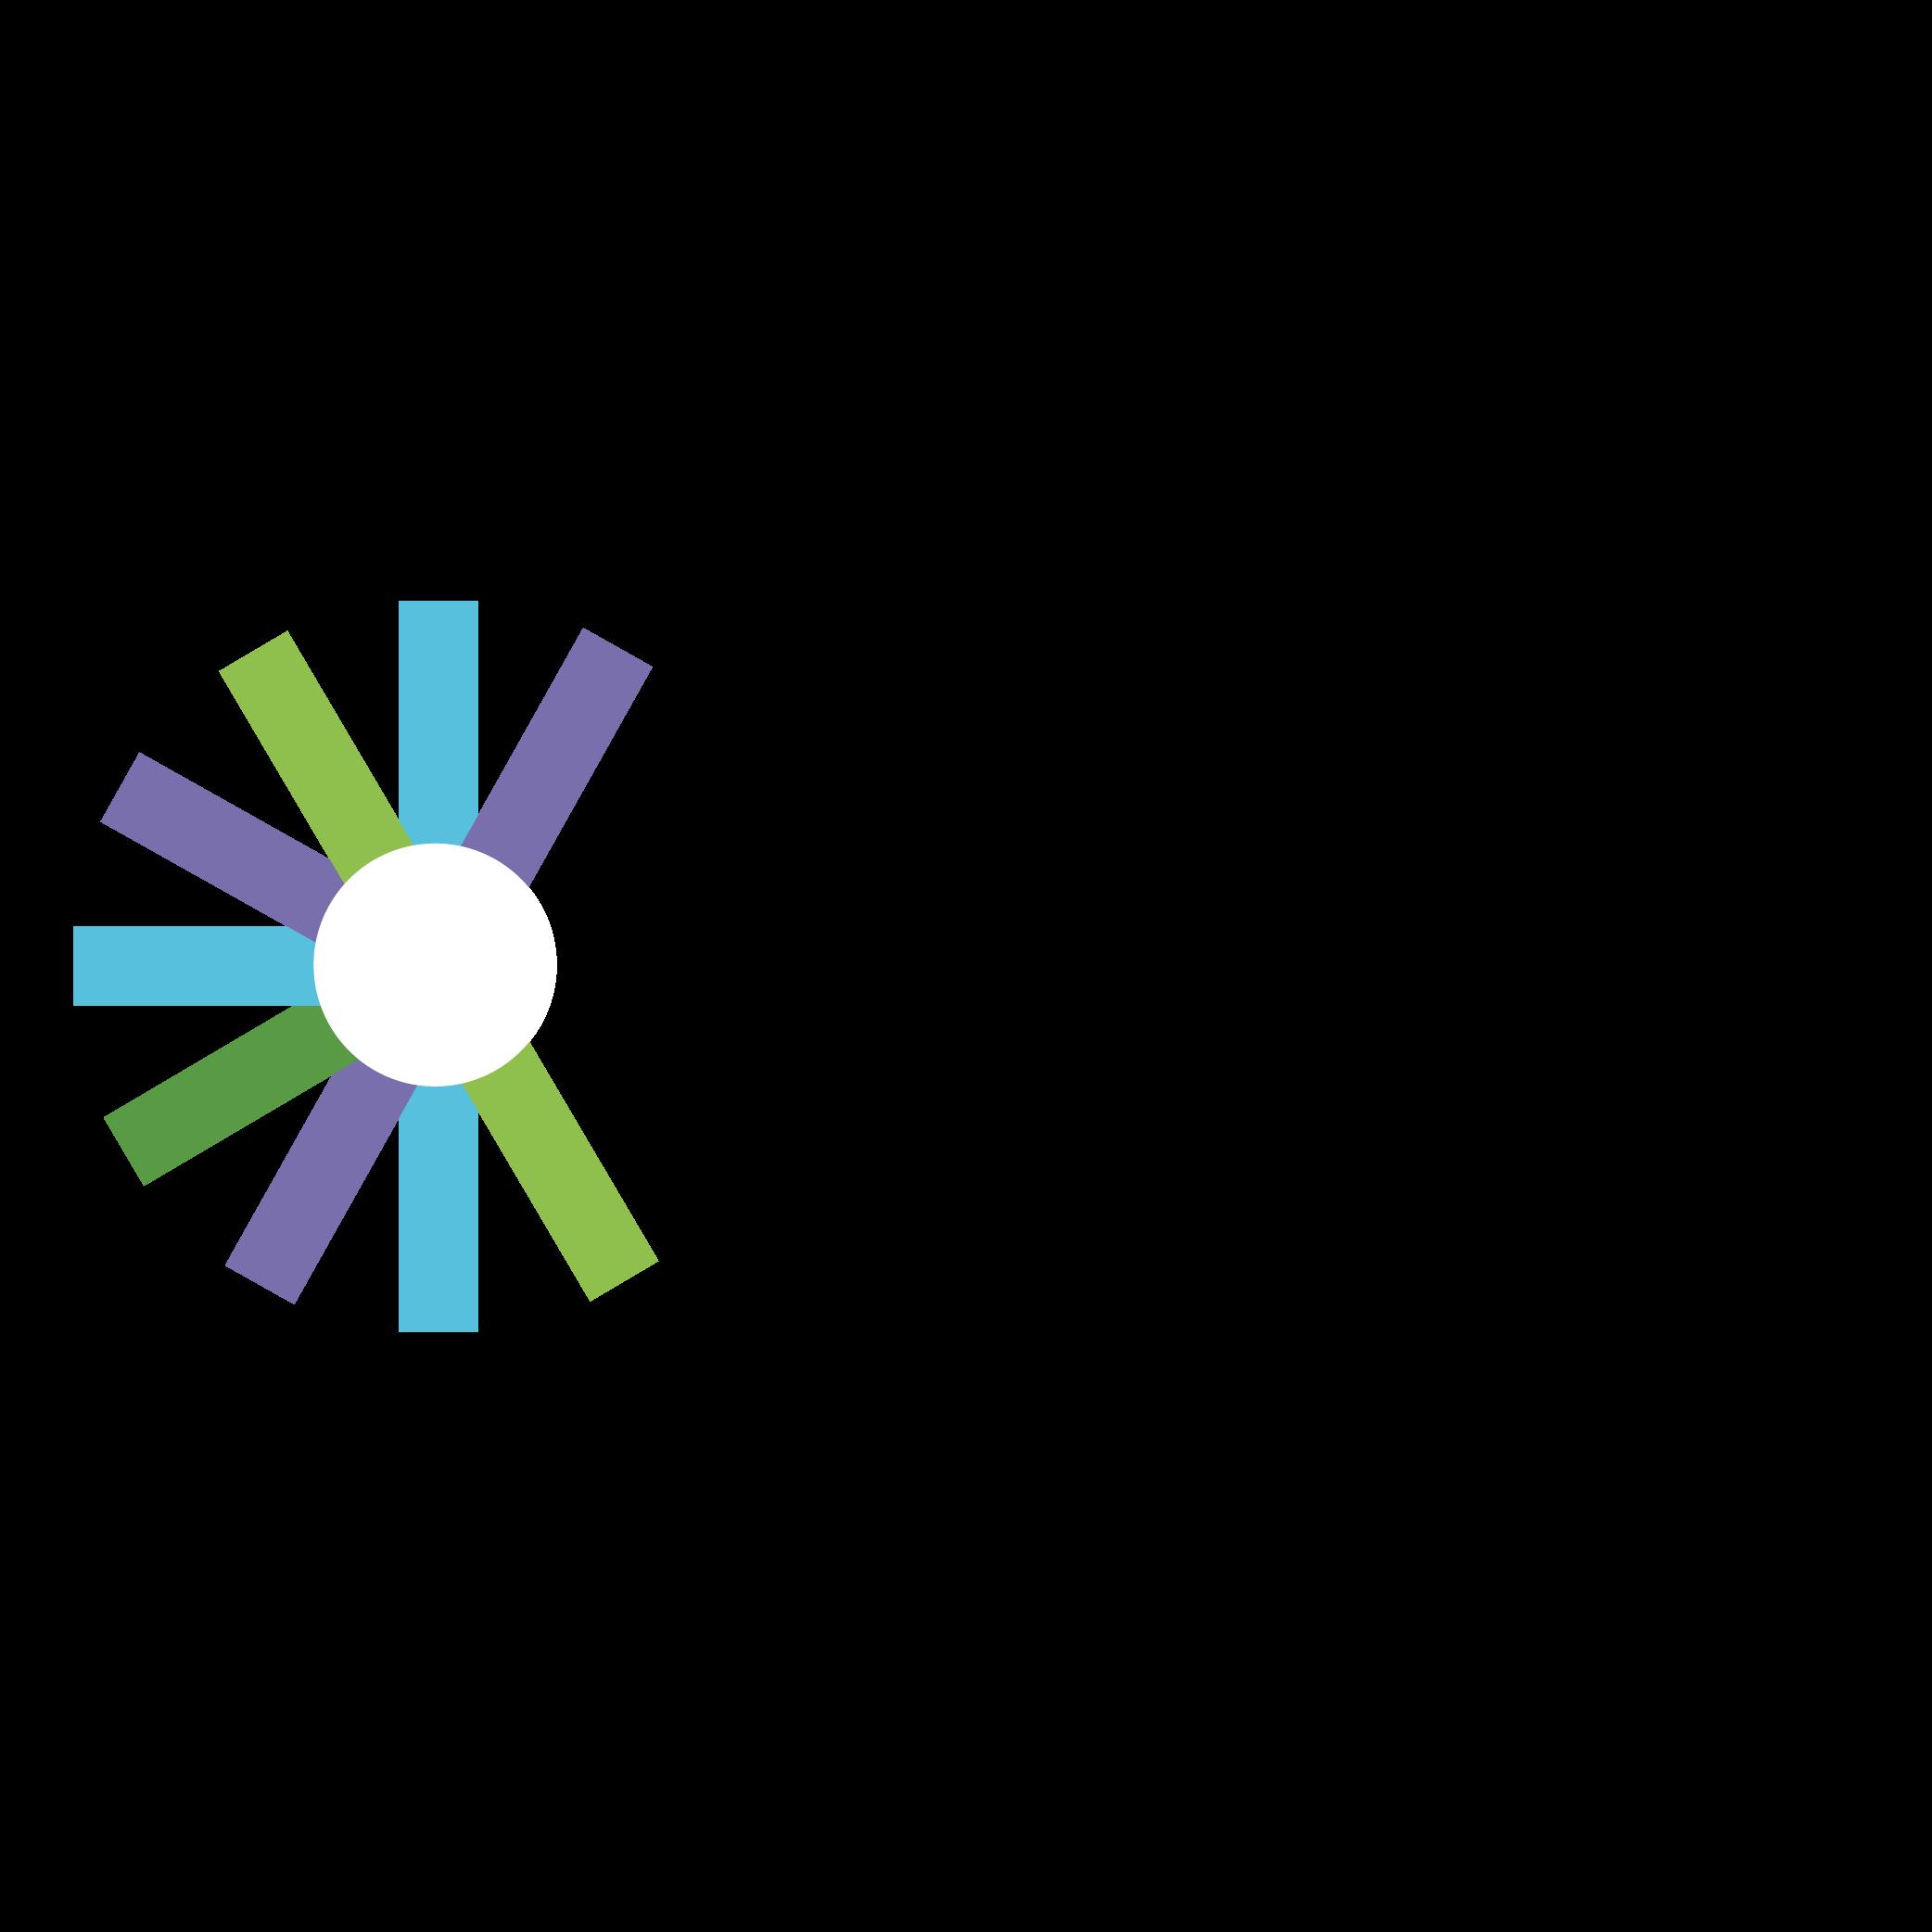 https://campaign-image.com/zohocampaigns/514807000008198004_zc_v78_1620055506193_mcr_logo_1.png